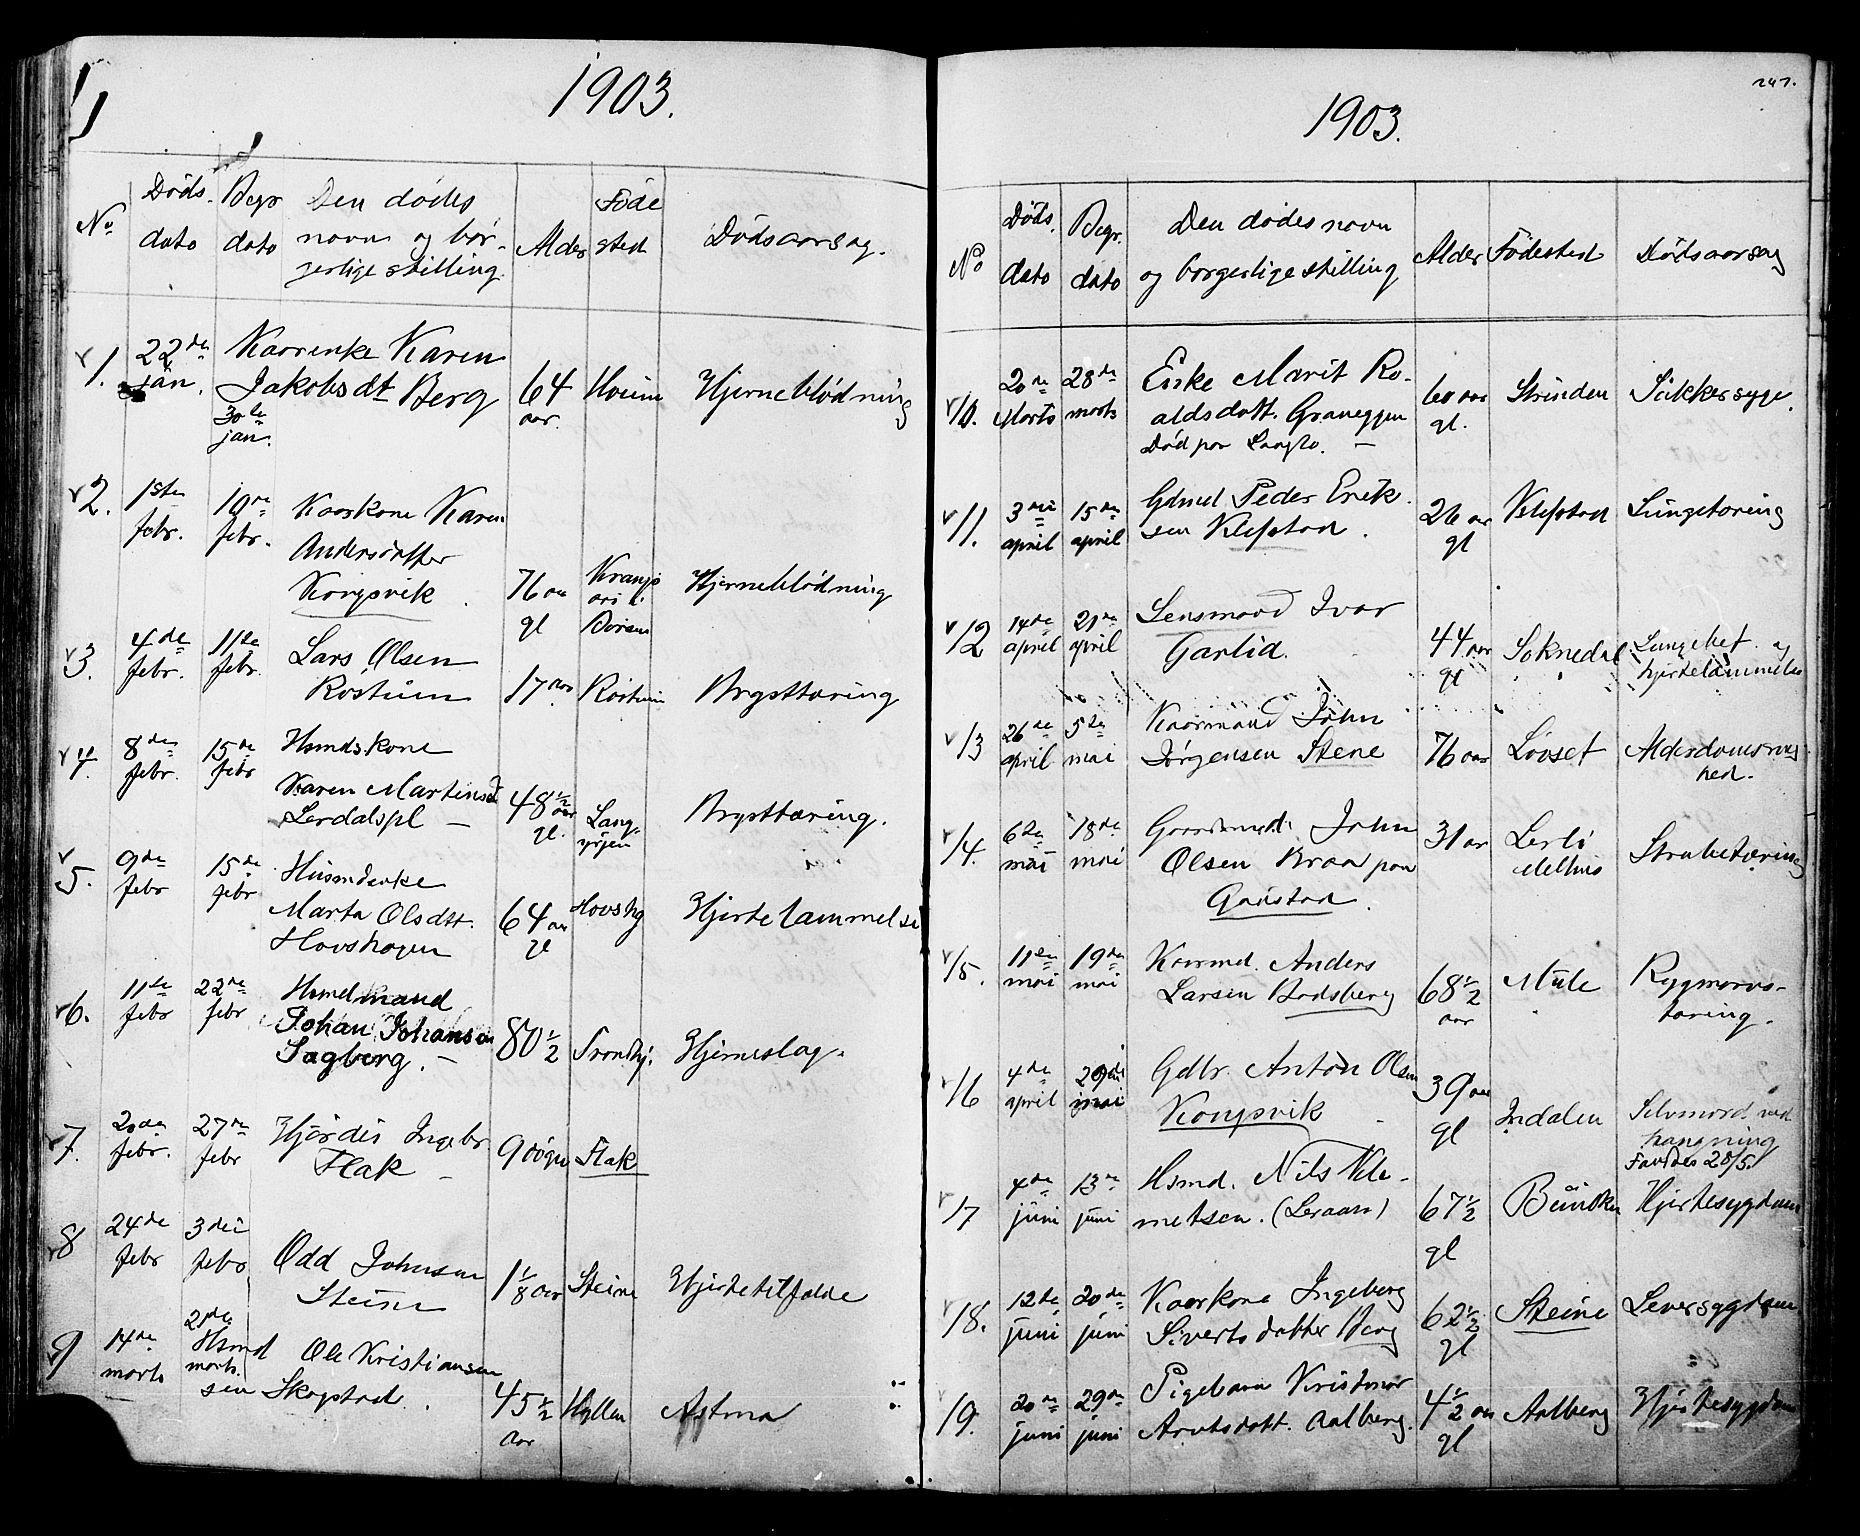 SAT, Ministerialprotokoller, klokkerbøker og fødselsregistre - Sør-Trøndelag, 612/L0387: Klokkerbok nr. 612C03, 1874-1908, s. 247